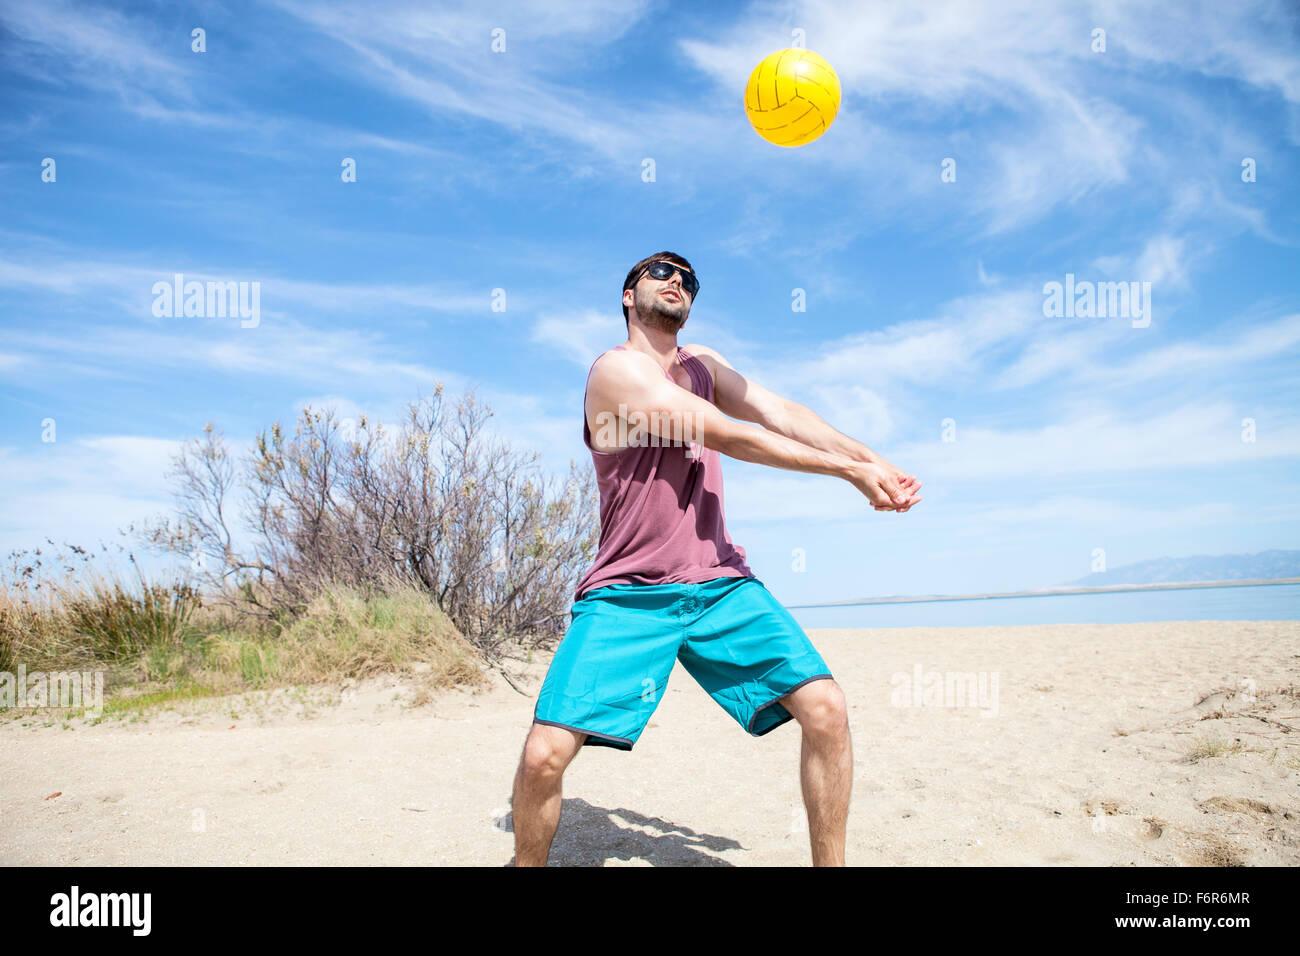 Giovane uomo a giocare a beach volley Immagini Stock